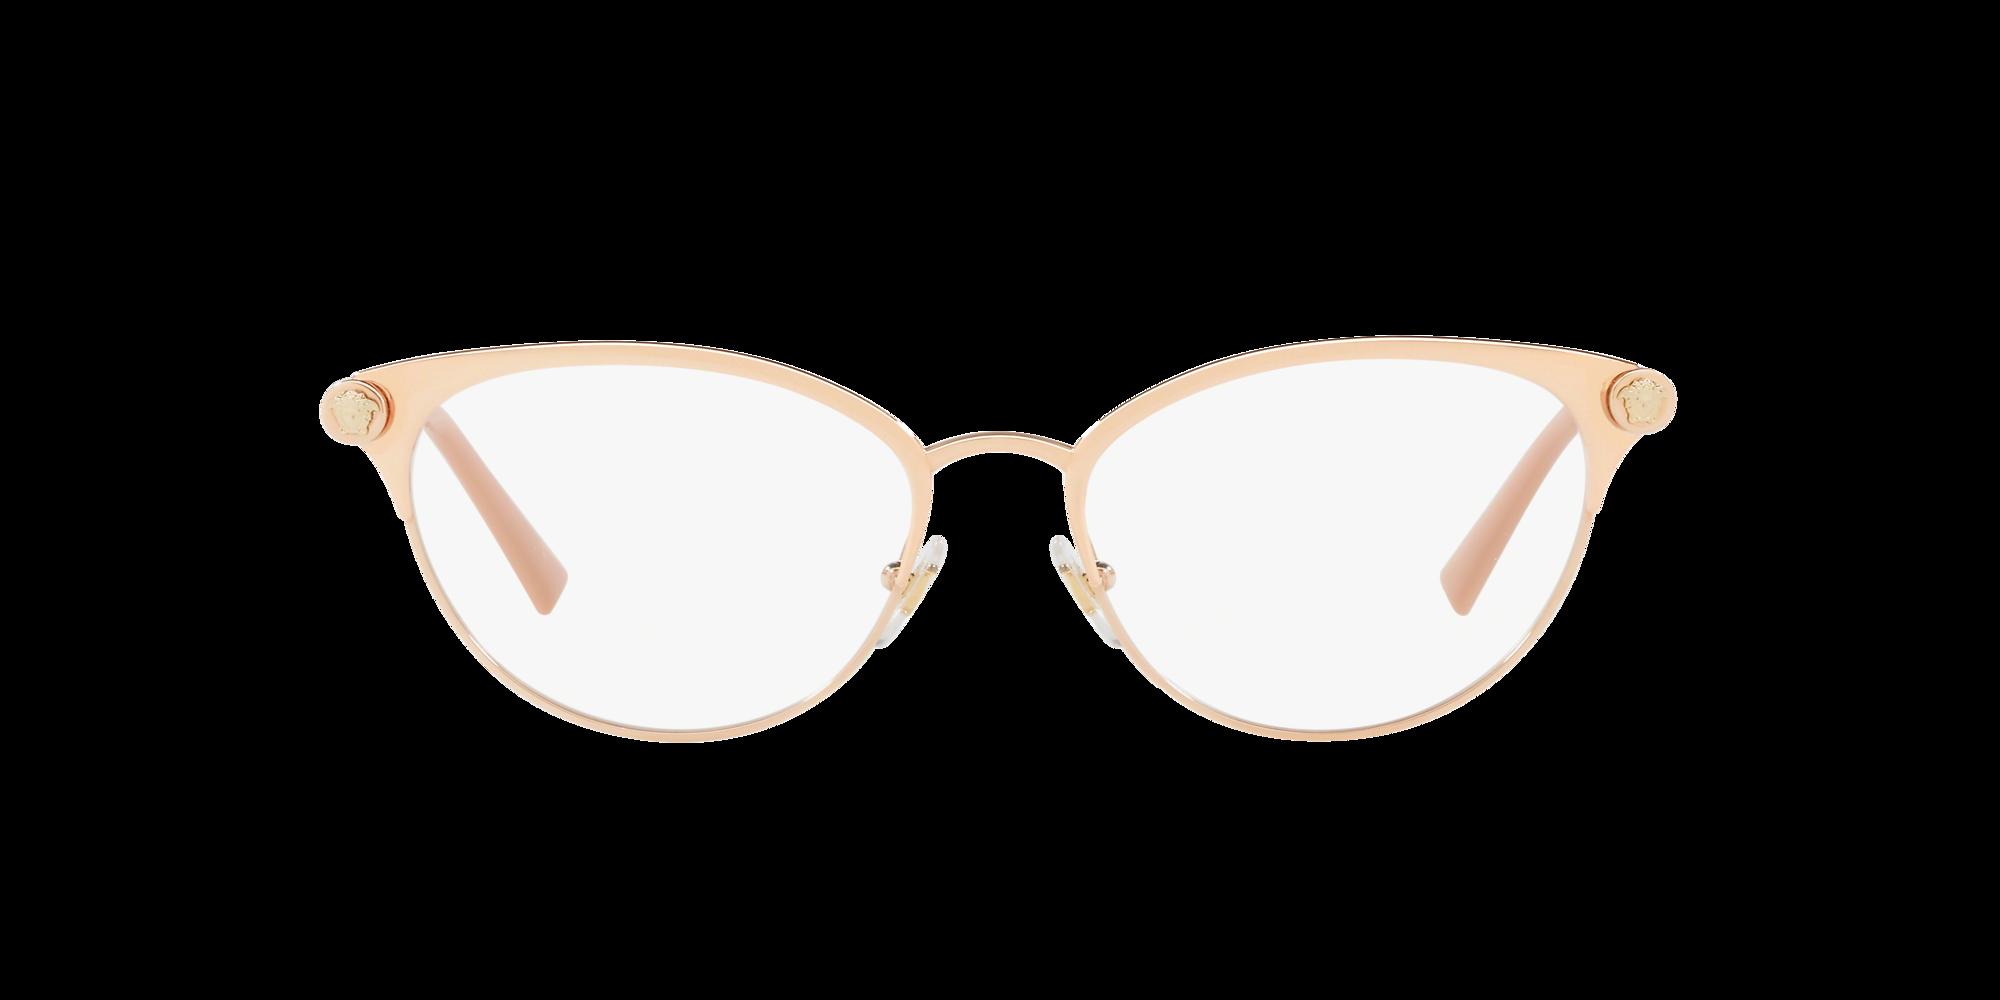 Imagen para VE1259Q V-ROCK de LensCrafters |  Espejuelos, espejuelos graduados en línea, gafas